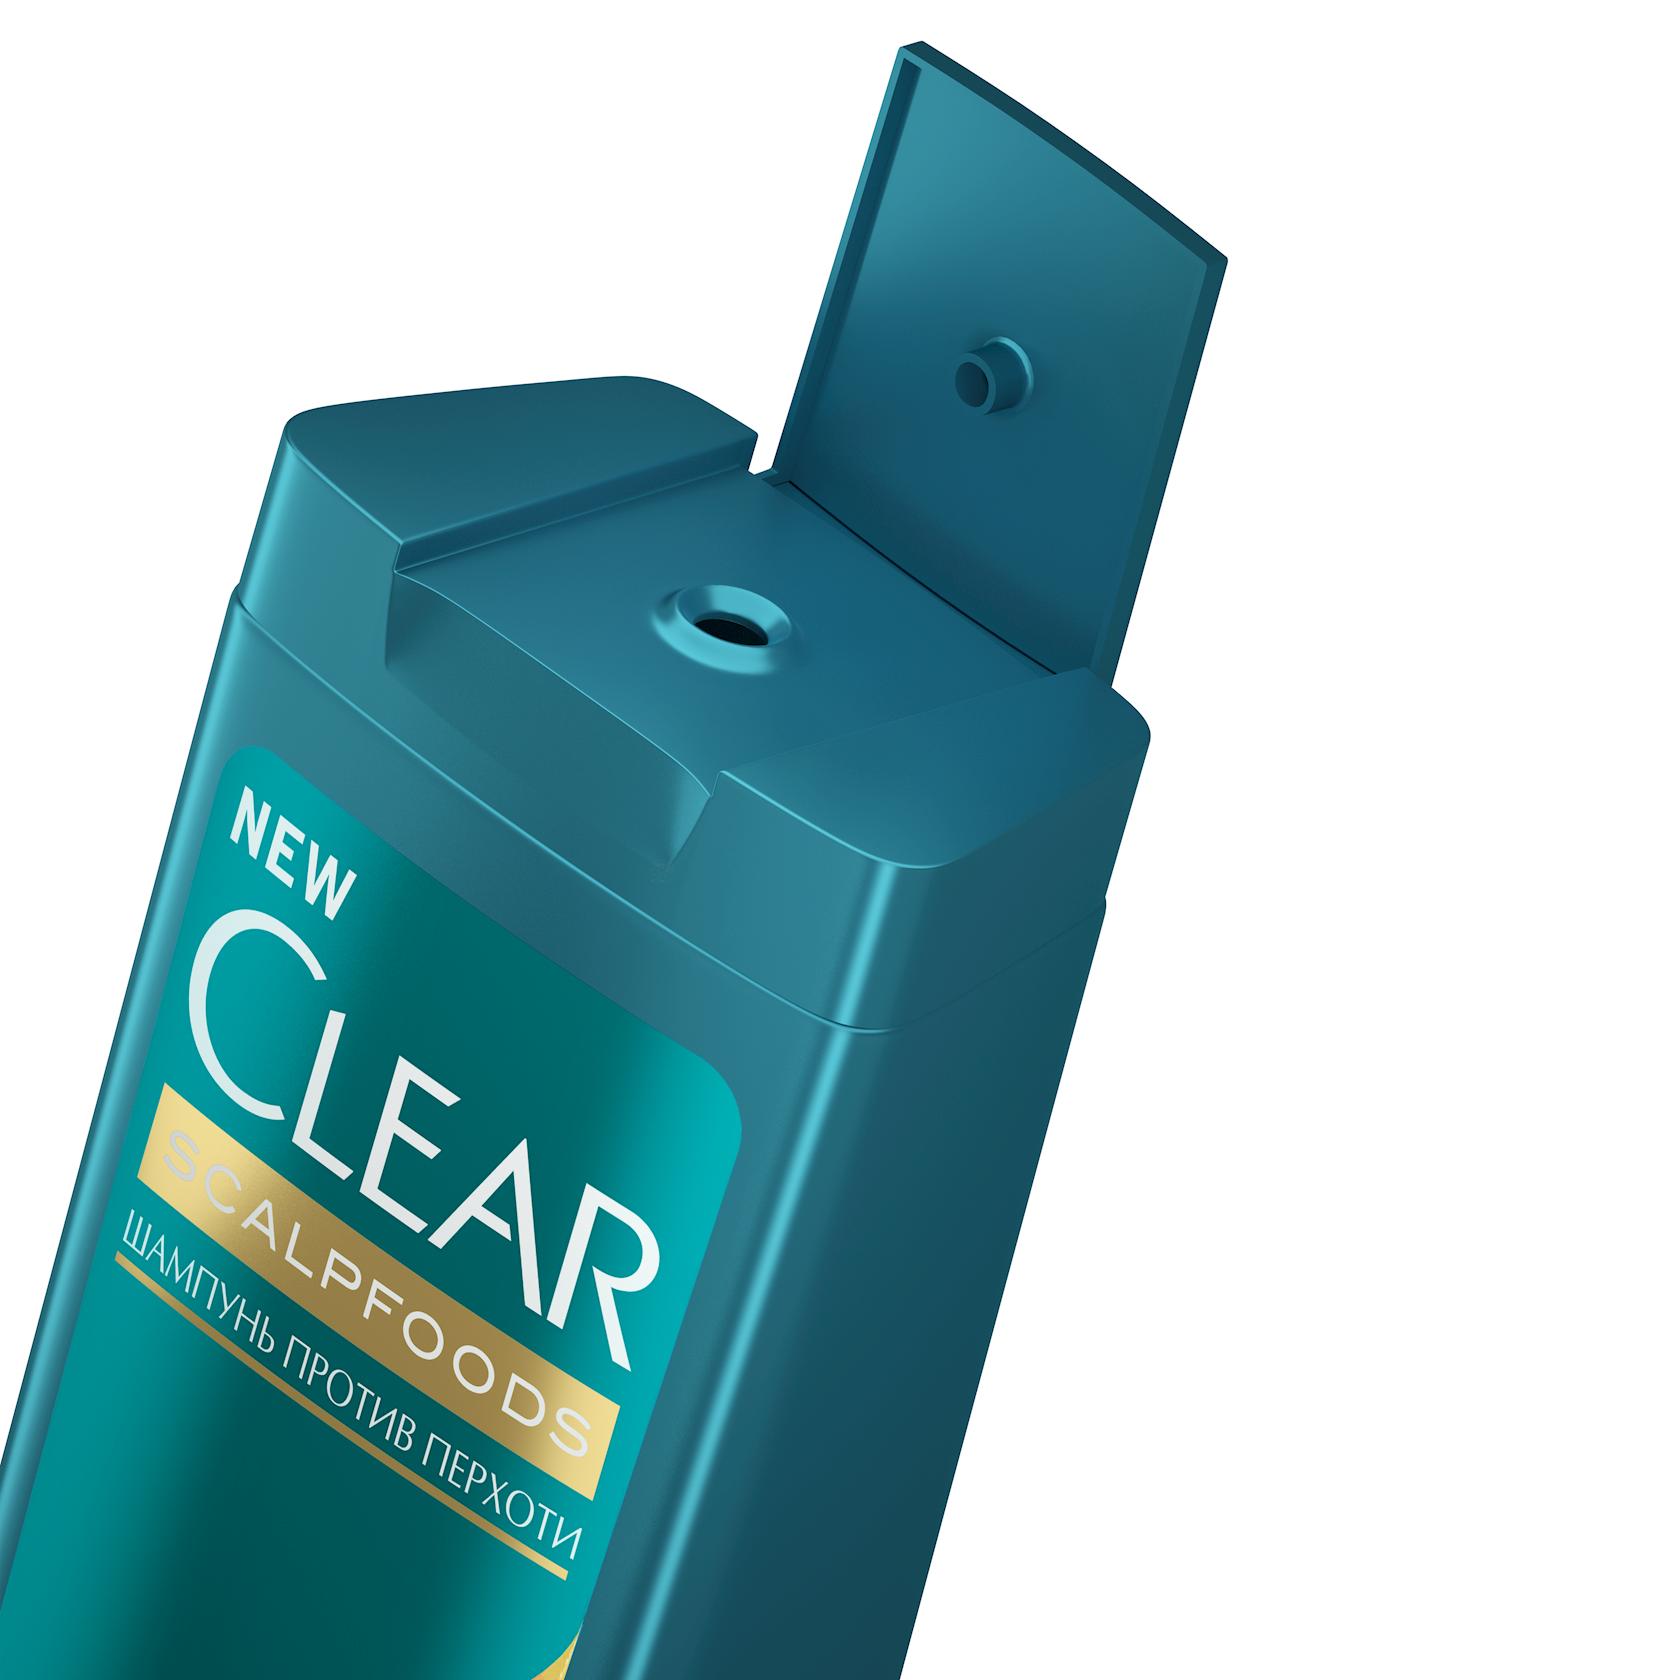 Şampun kəpəyə qarşı Clear Detoks Nəmləndirici 400 ml